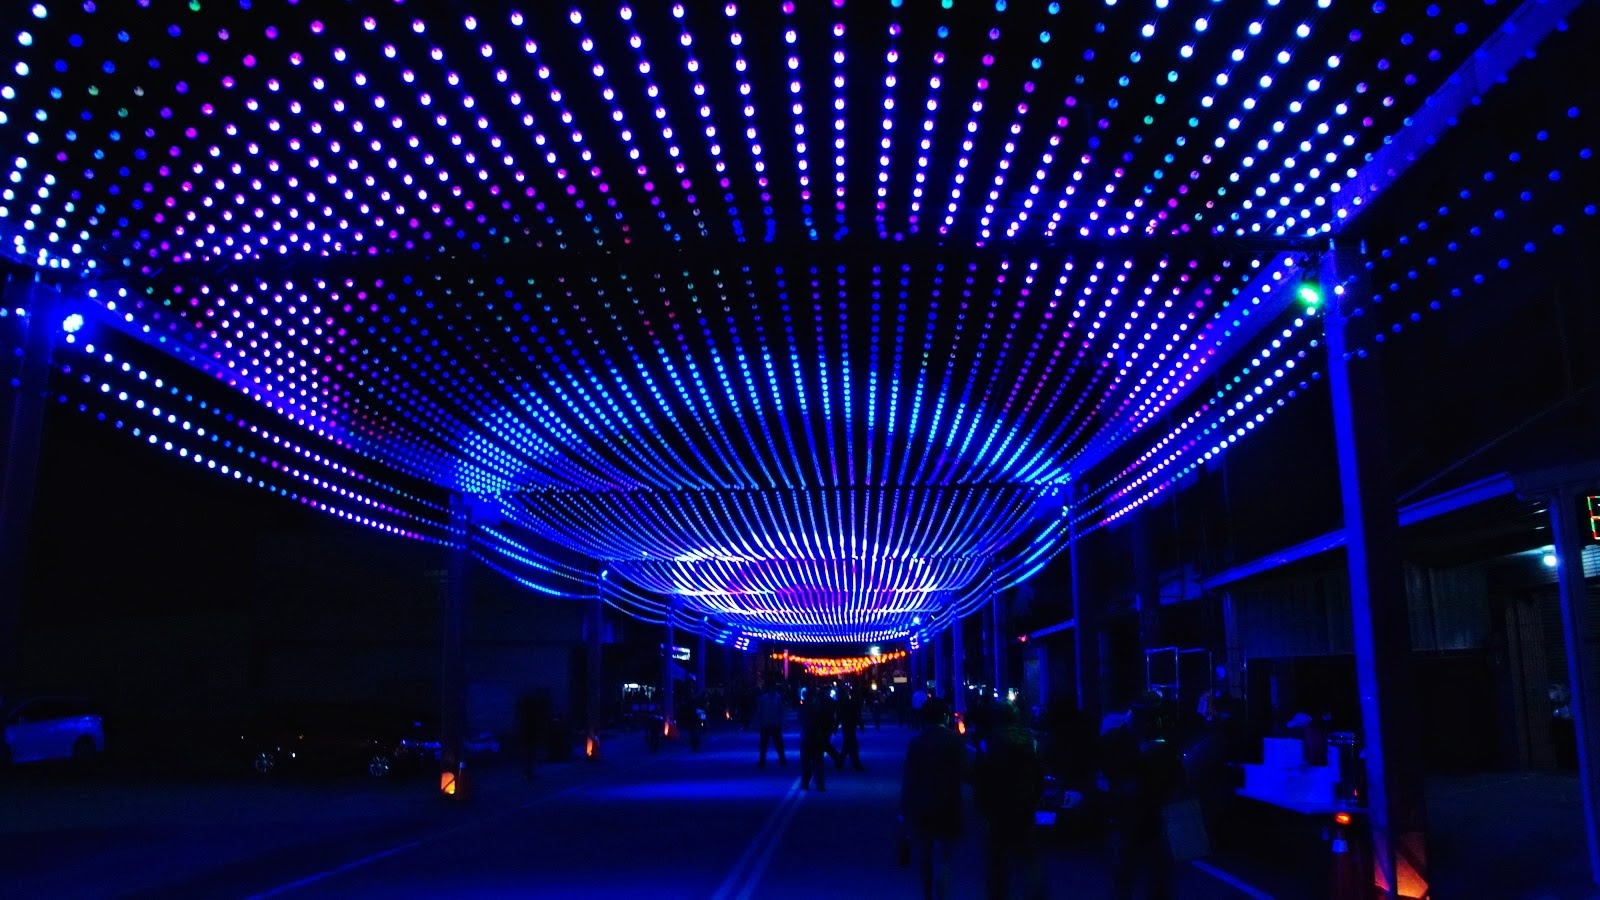 [台南][將軍區] 2020馬沙溝燈會|璀璨馬沙溝|台南最有年節氣氛的燈街|遊記